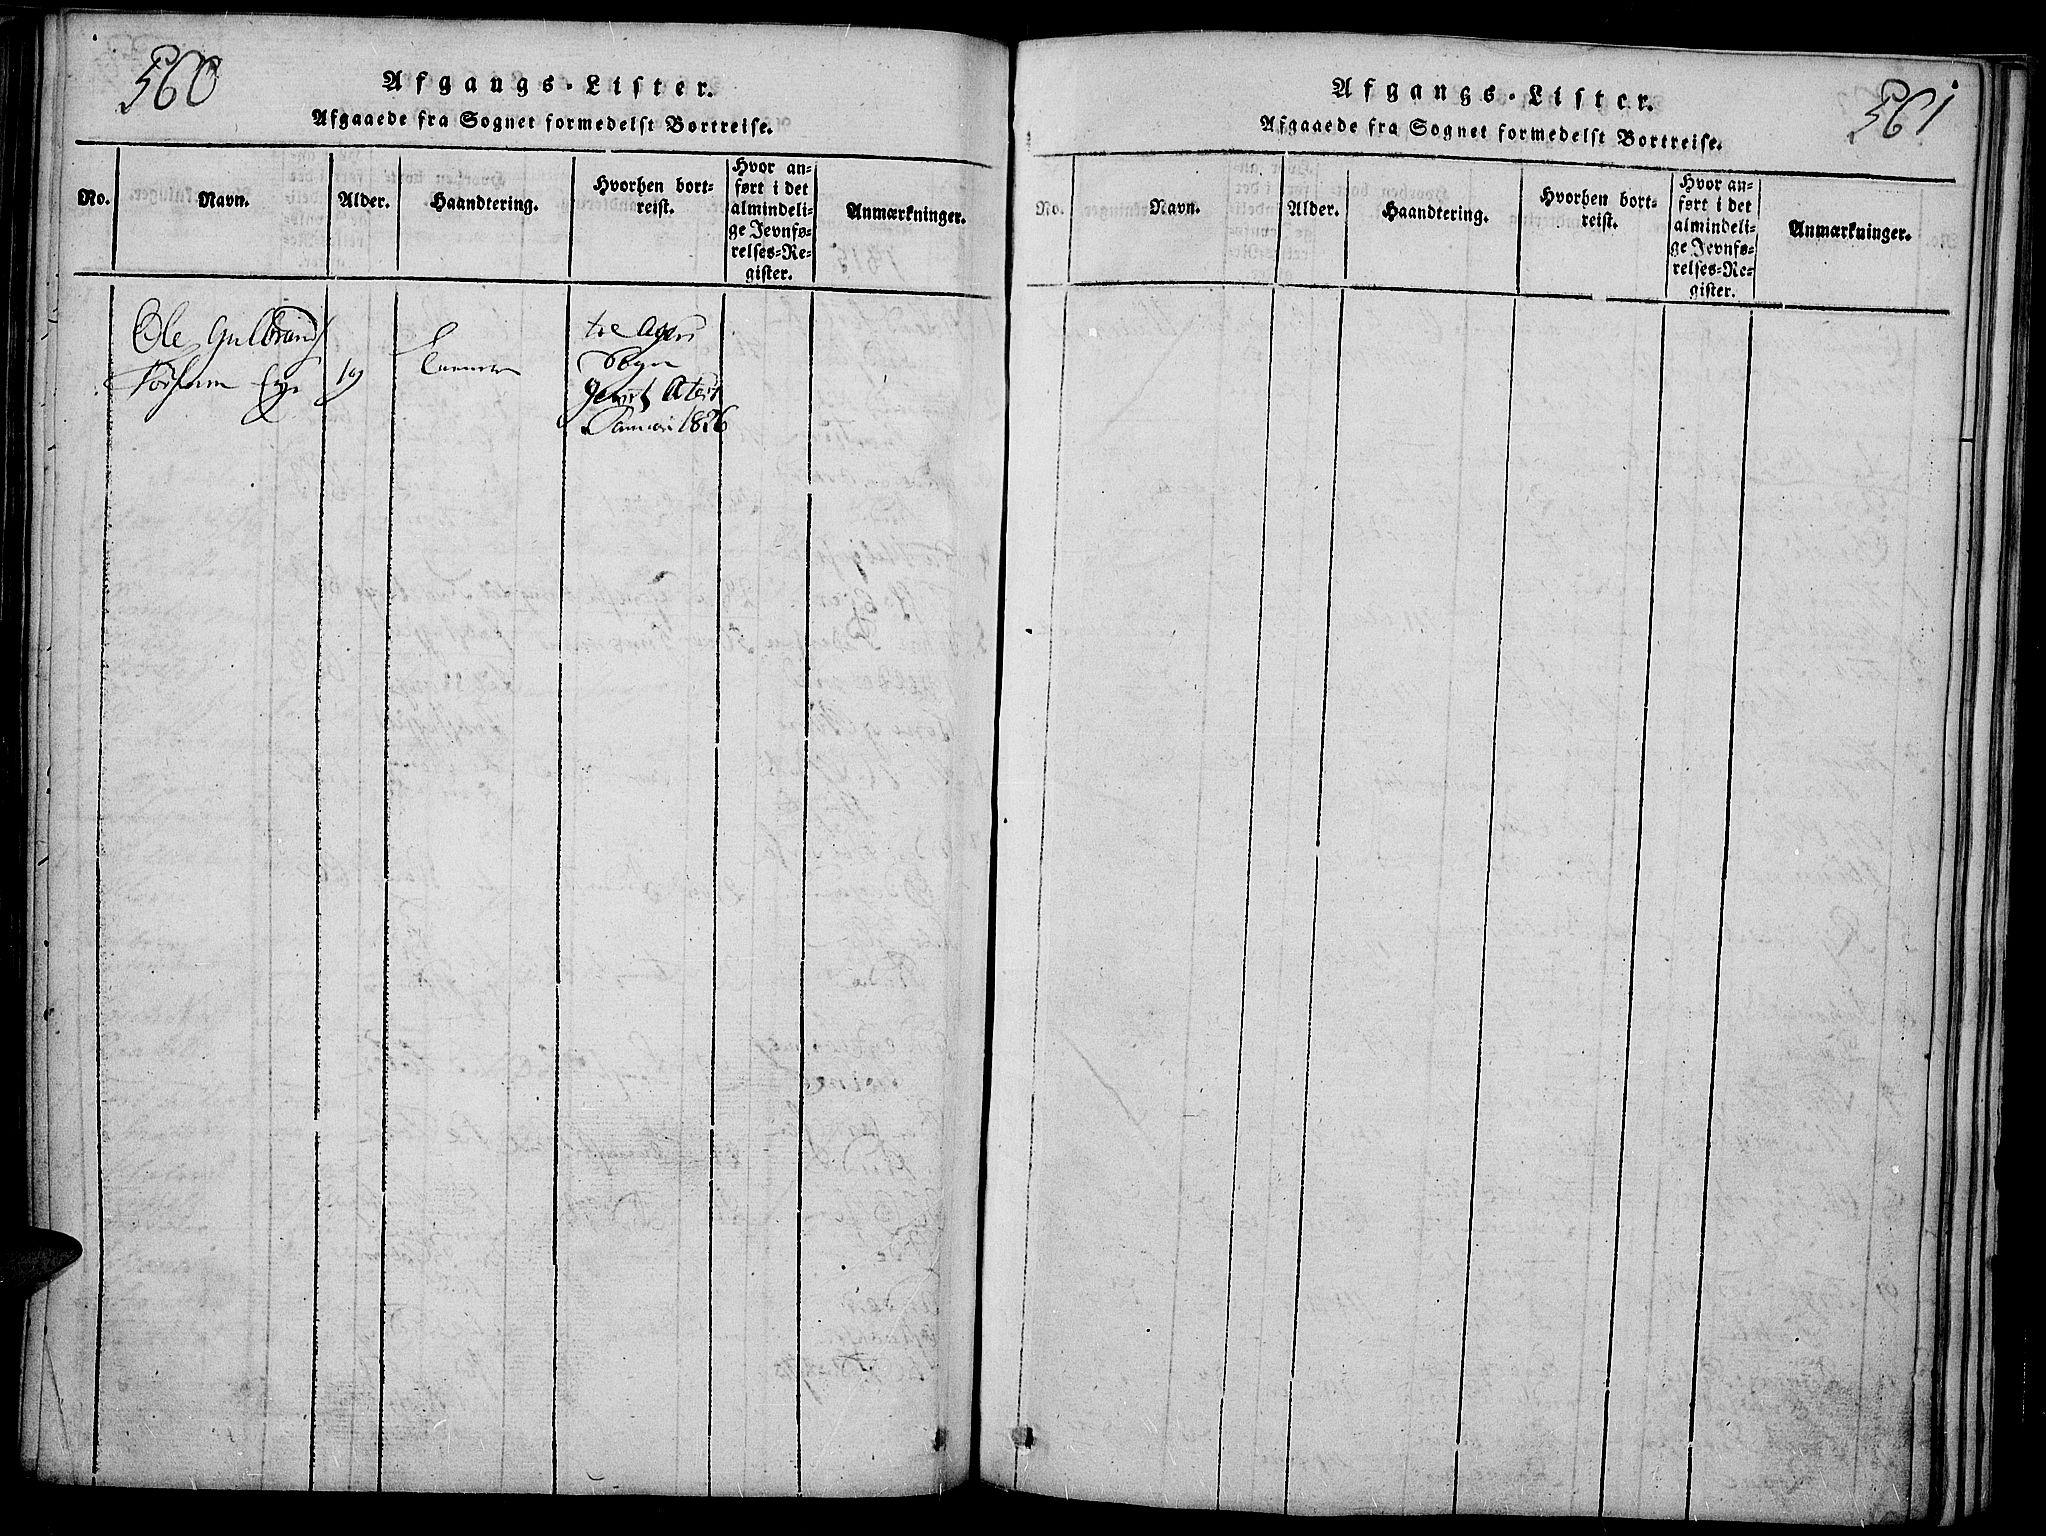 SAH, Slidre prestekontor, Ministerialbok nr. 2, 1814-1830, s. 560-561